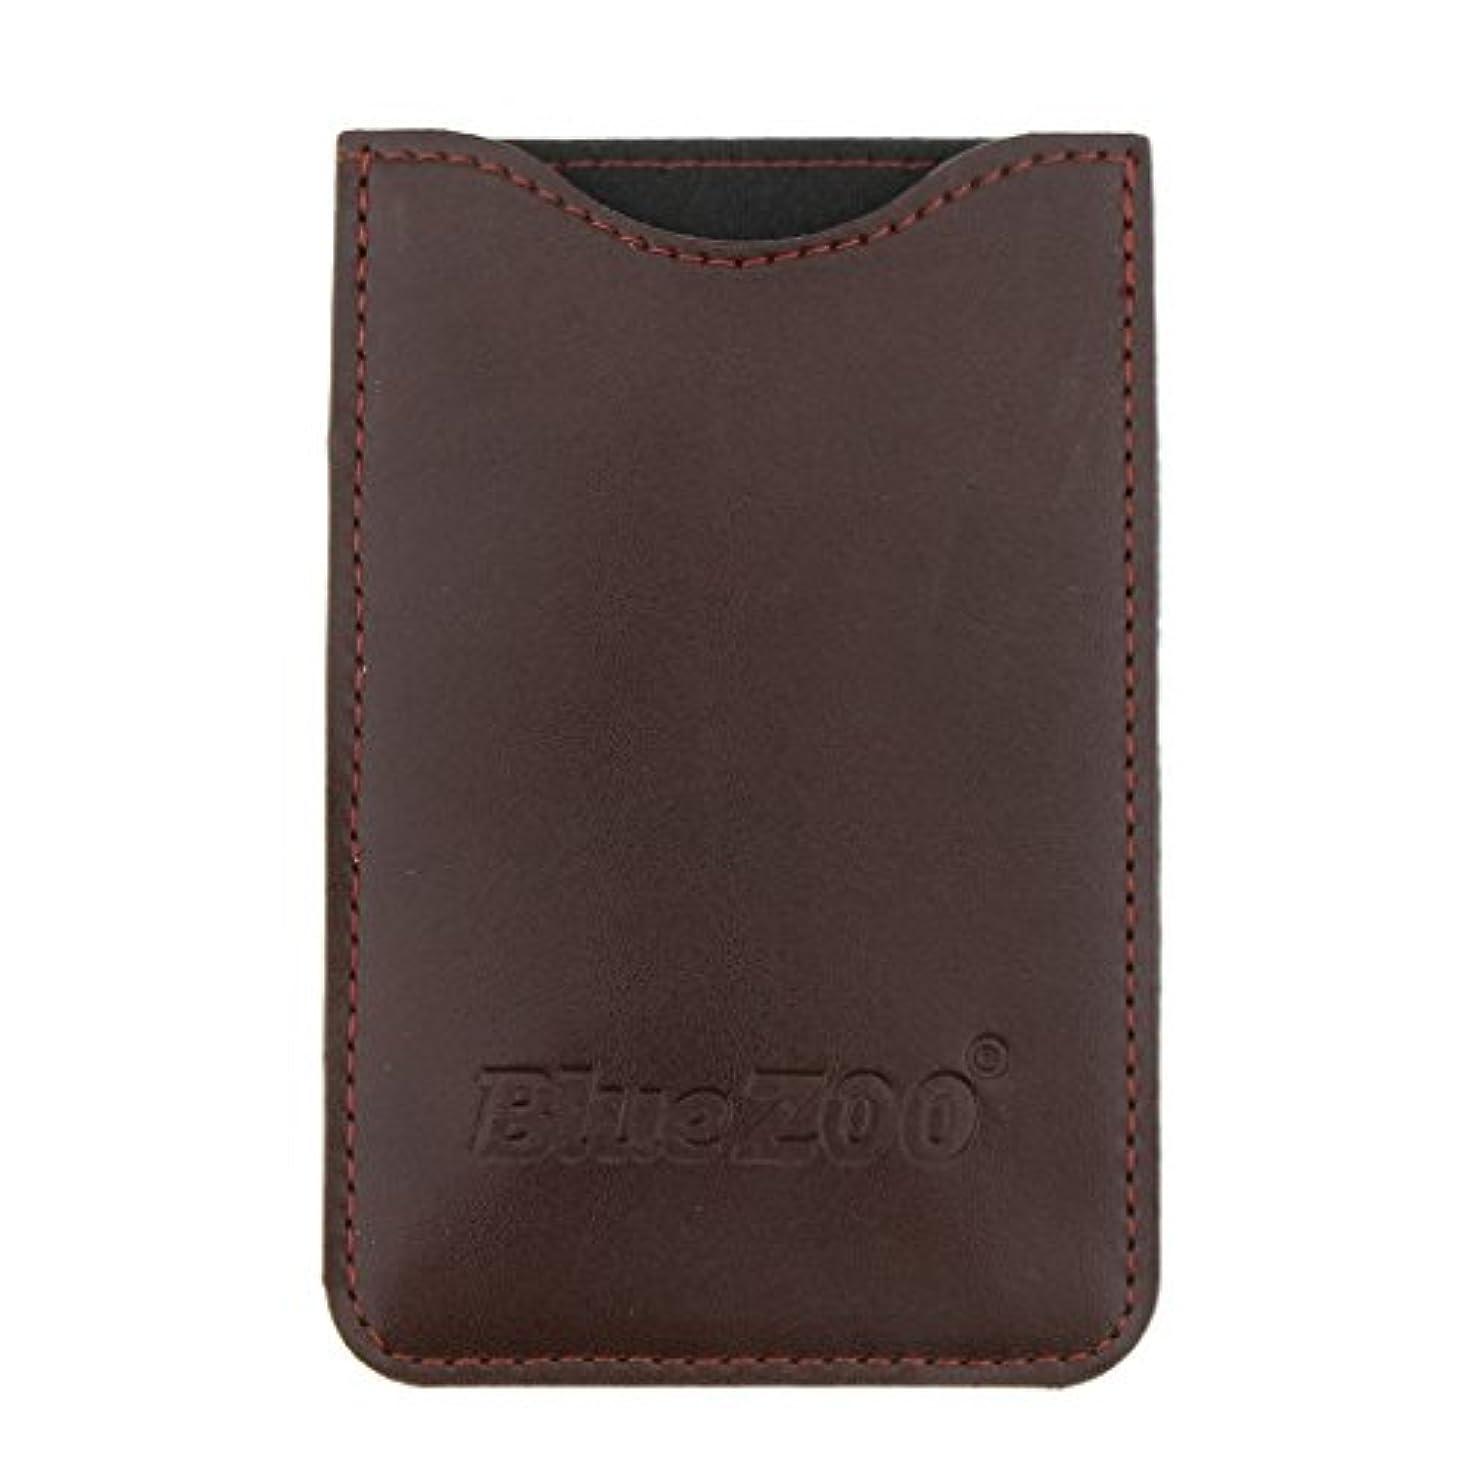 おしゃれなクロニクル哀木製のポケットヒゲの櫛の保護収納ポーチ、小さな櫛PUレザーケース - 褐色